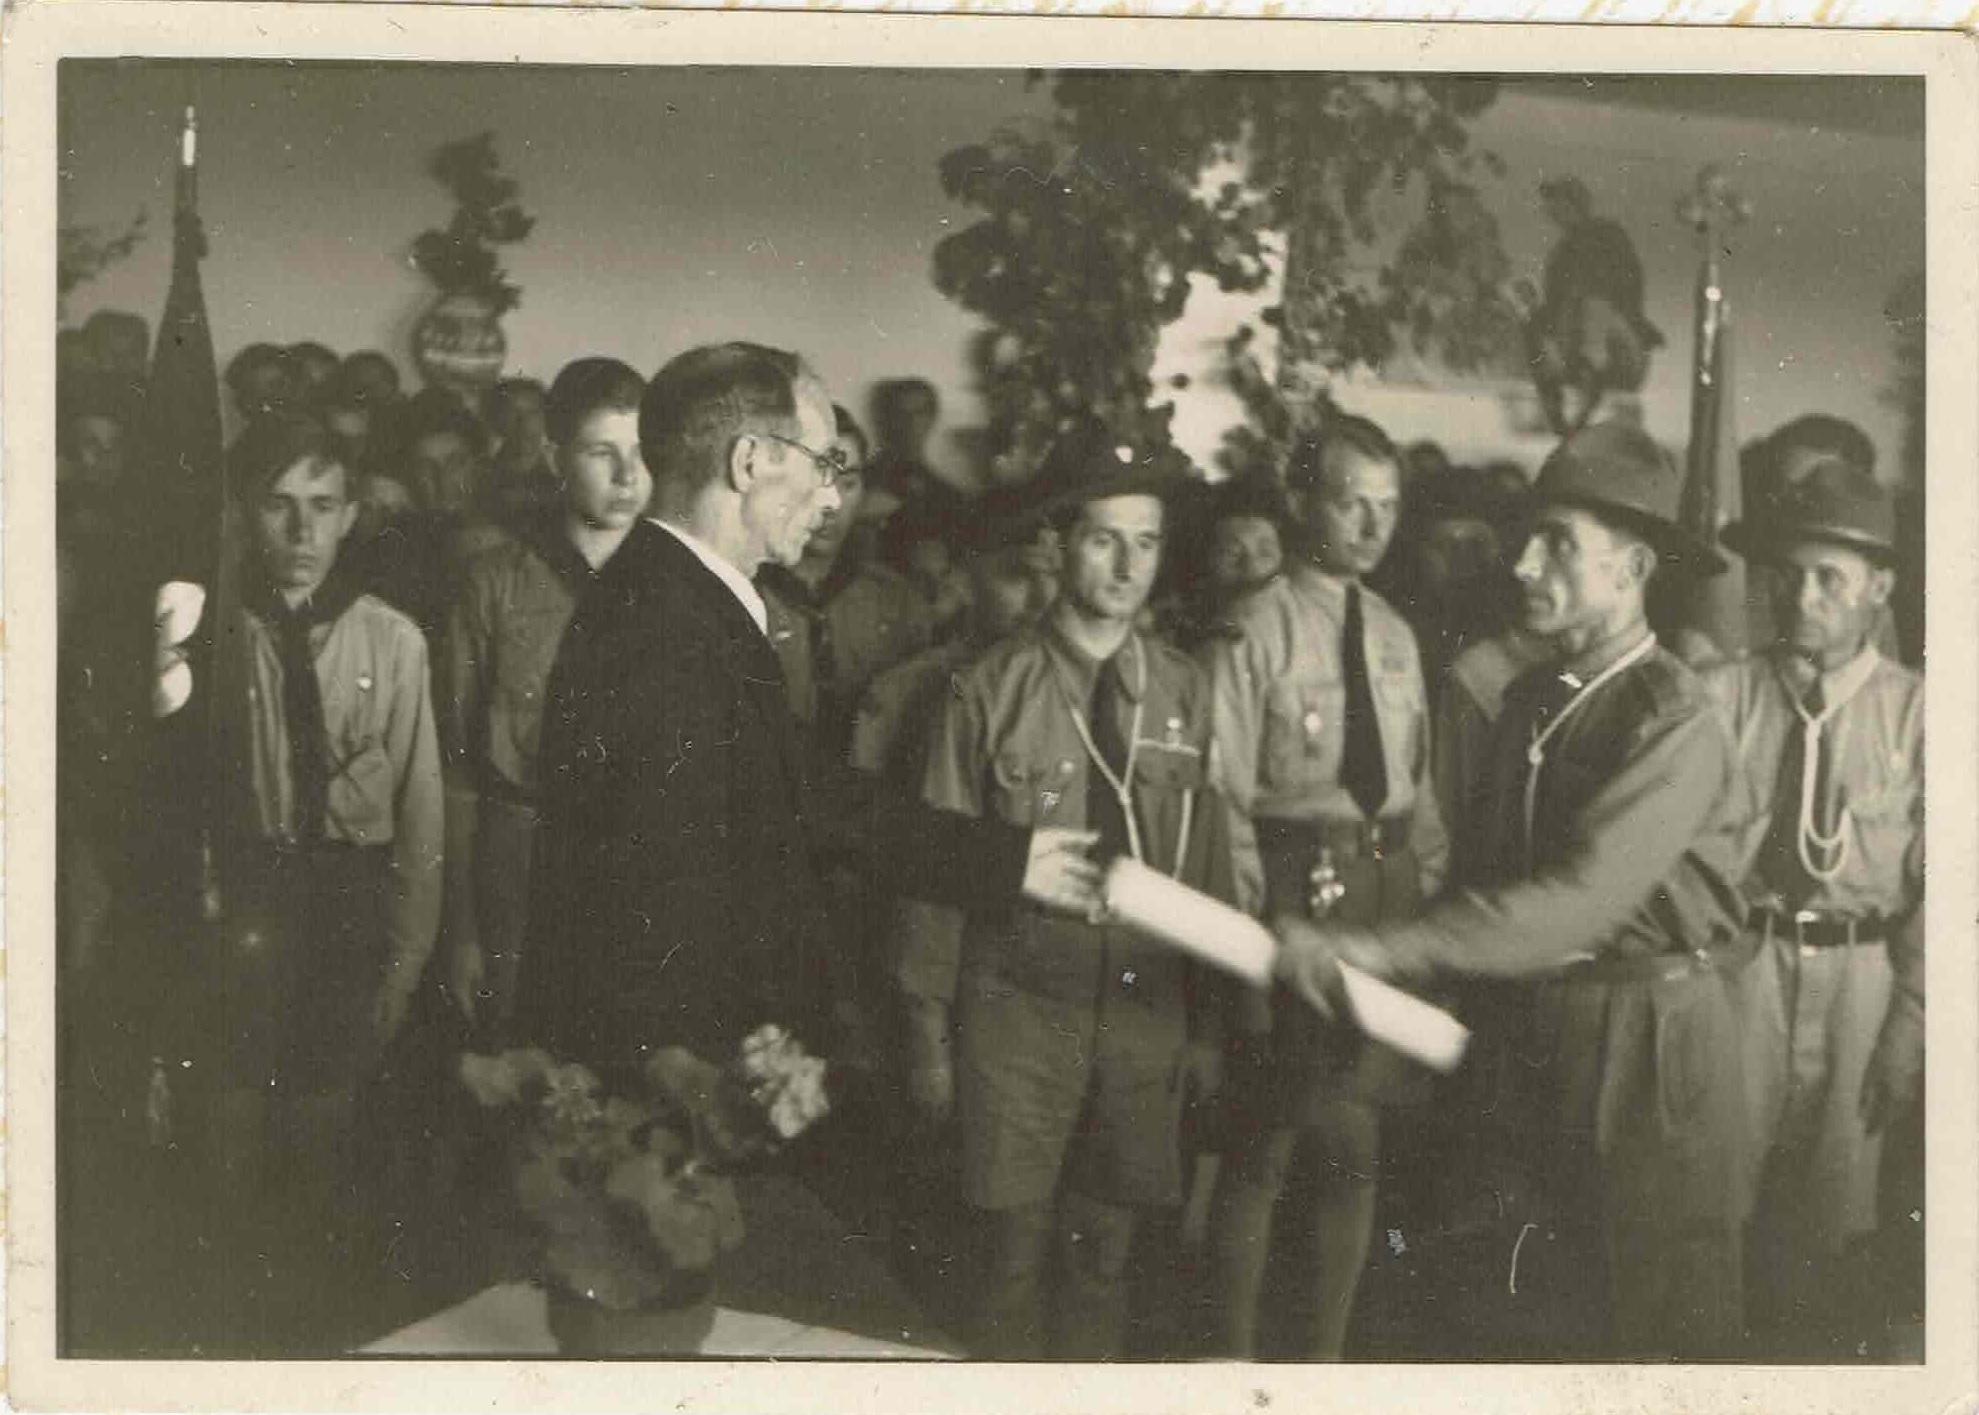 Пл.сен. Яро Гладкий, ЧМ, перебирає грамоту УСС для пластунів, 20.06.1948